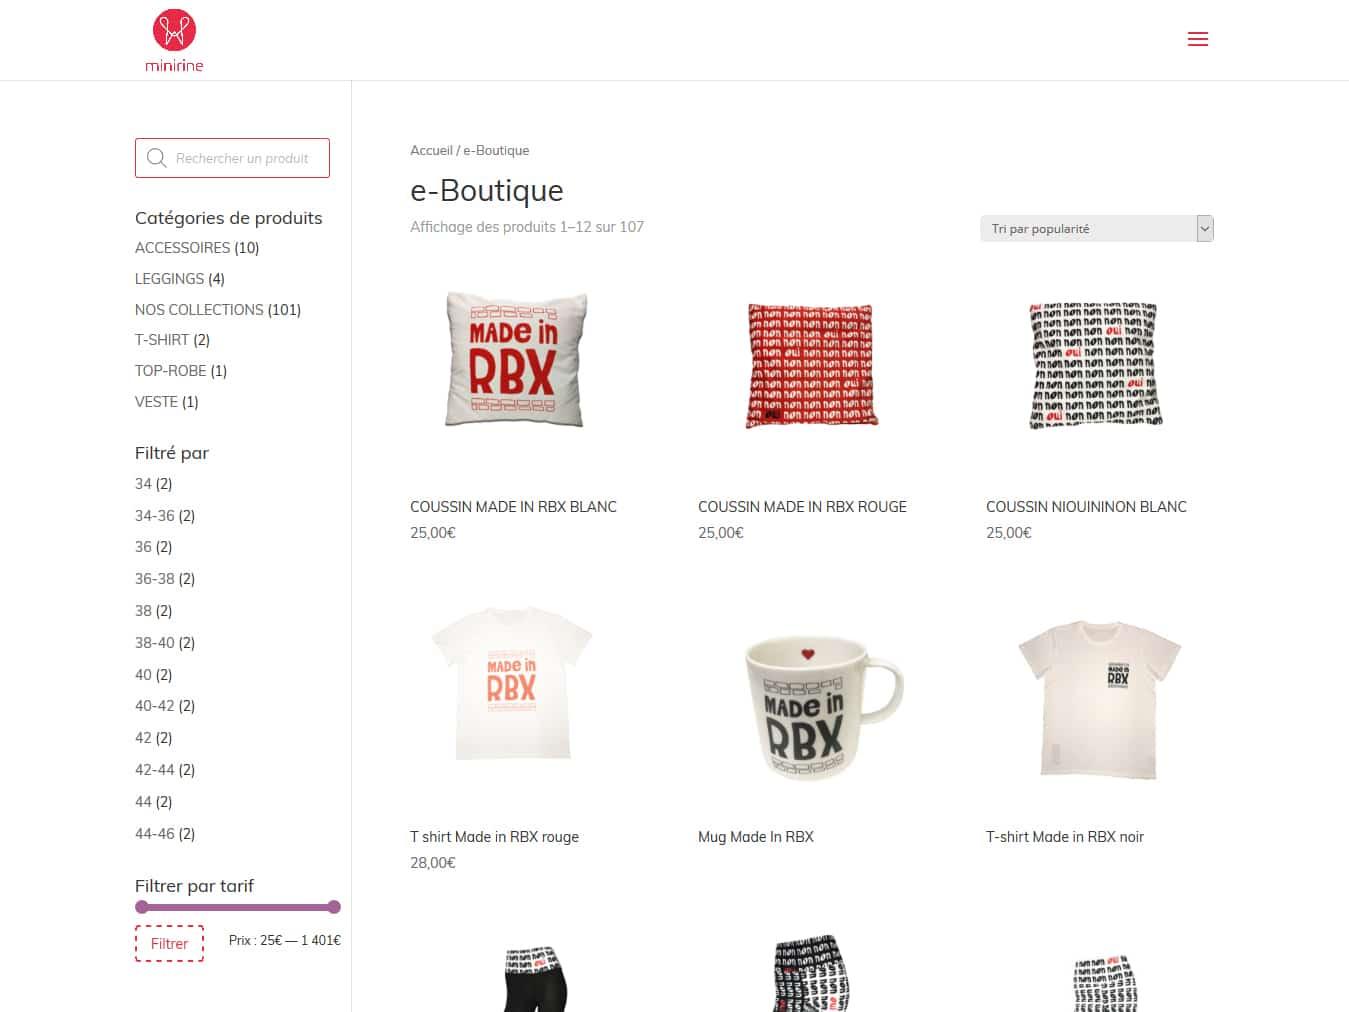 boutique_rogné_minirine_julien